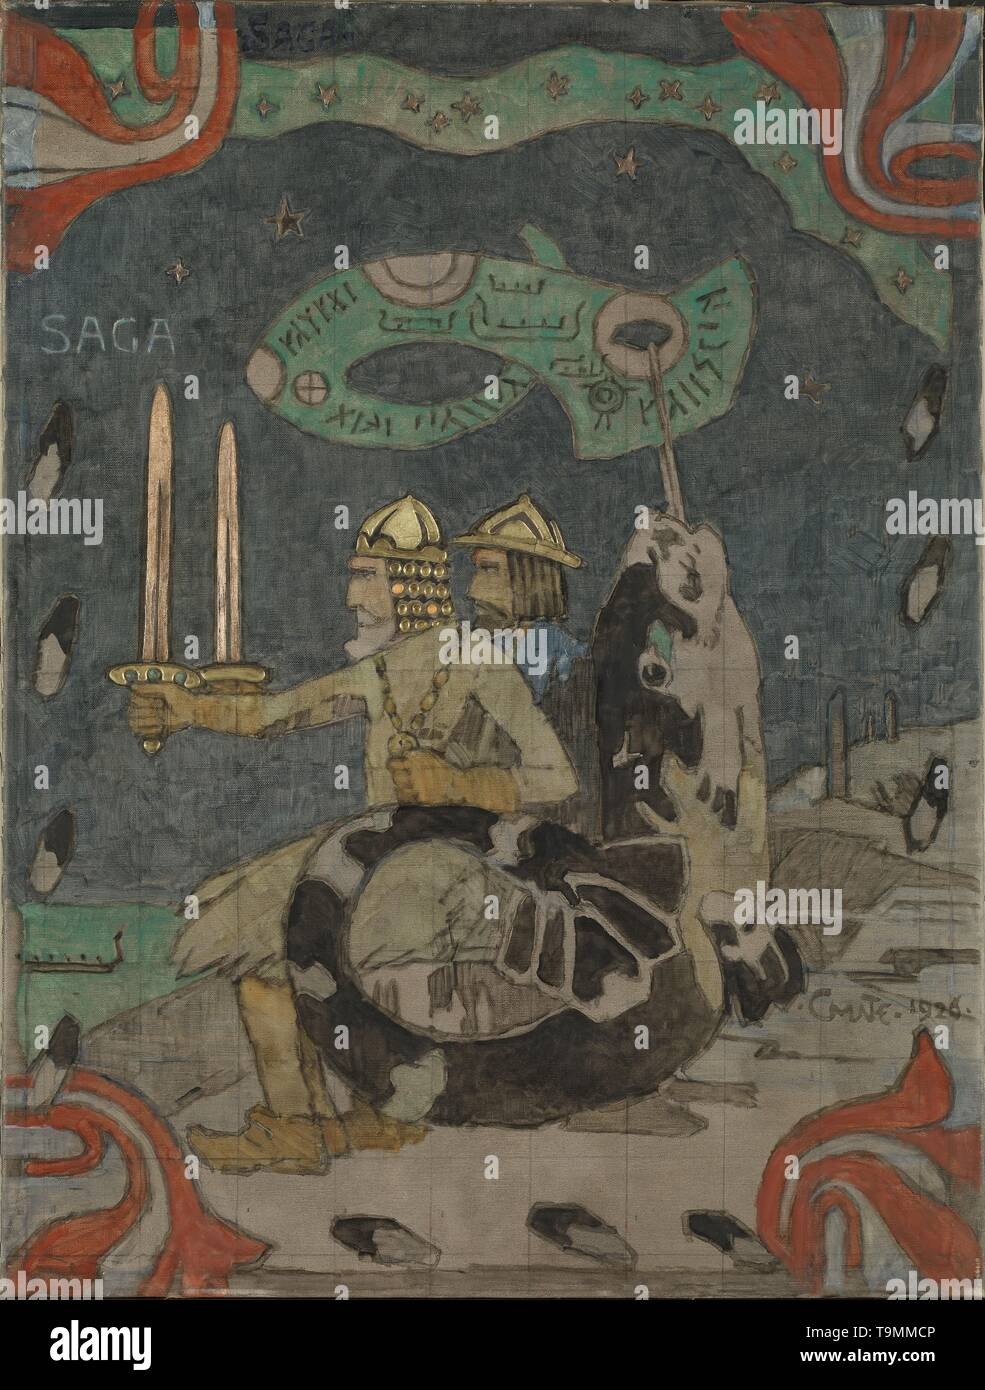 Saga. Museum: Nasjonalmuseet for Kunst, Arkitektur og Design, Oslo. Author: Gerhard Munthe. - Stock Image